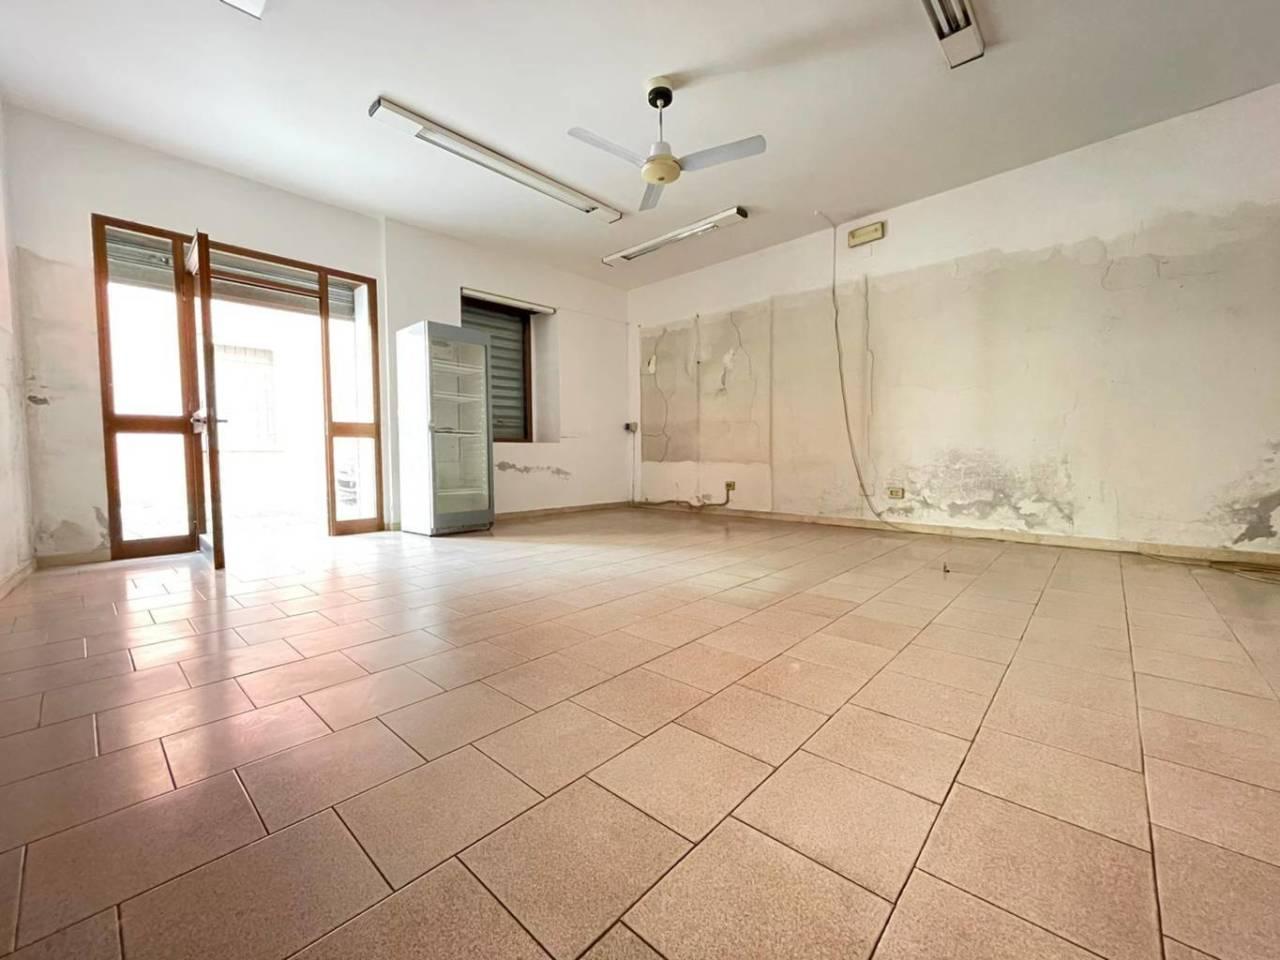 Negozio / Locale in vendita a Chiari, 9999 locali, prezzo € 80.000 | CambioCasa.it